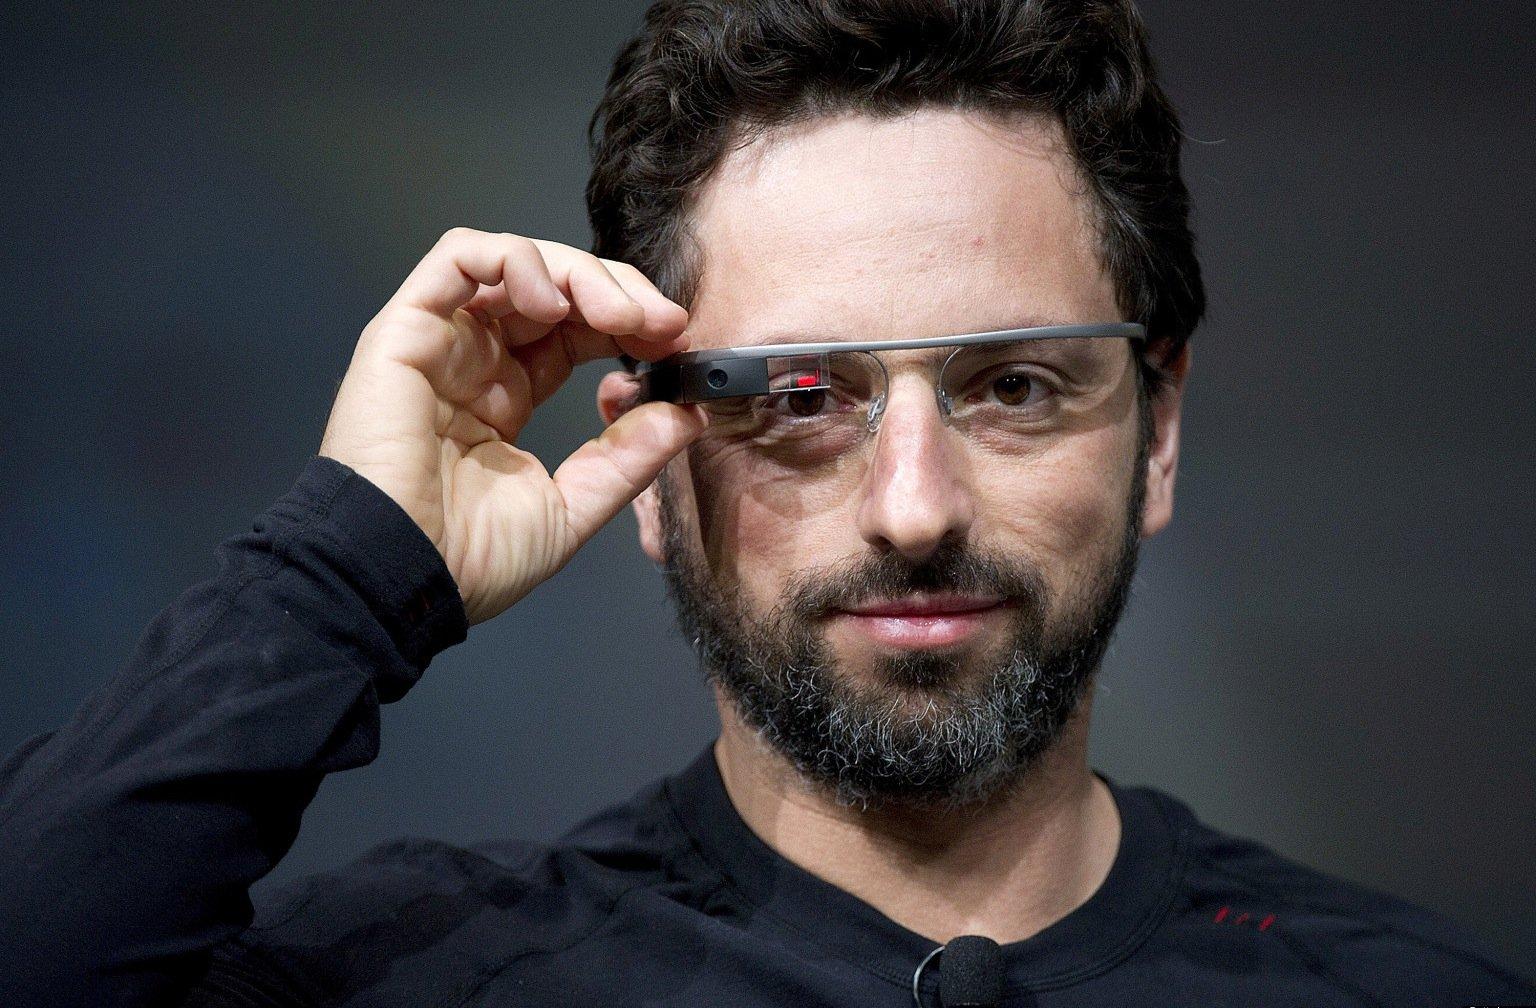 Соучредитель Google Сергей Брин делает секретный дирижабль